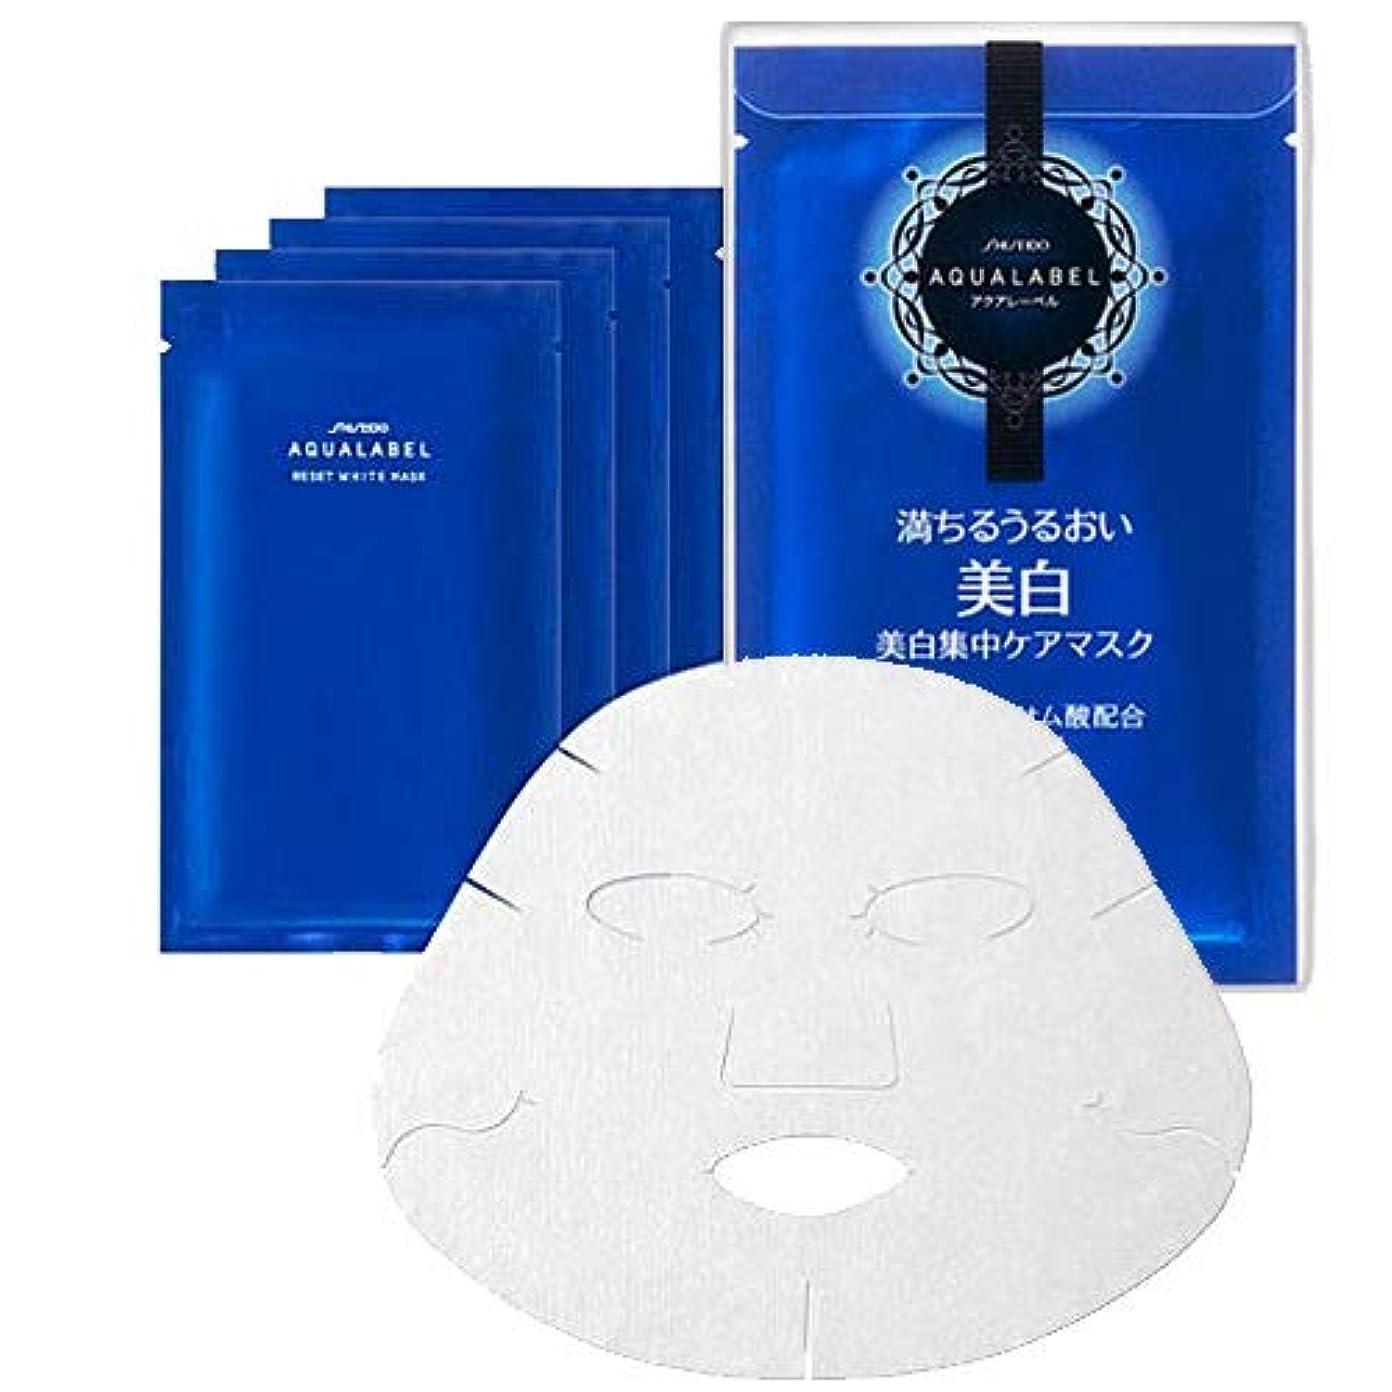 配列ラインデンマーク資生堂 SHISEIDO アクアレーベル リセットホワイトマスク(4枚入り) 4枚x18ml [並行輸入品]